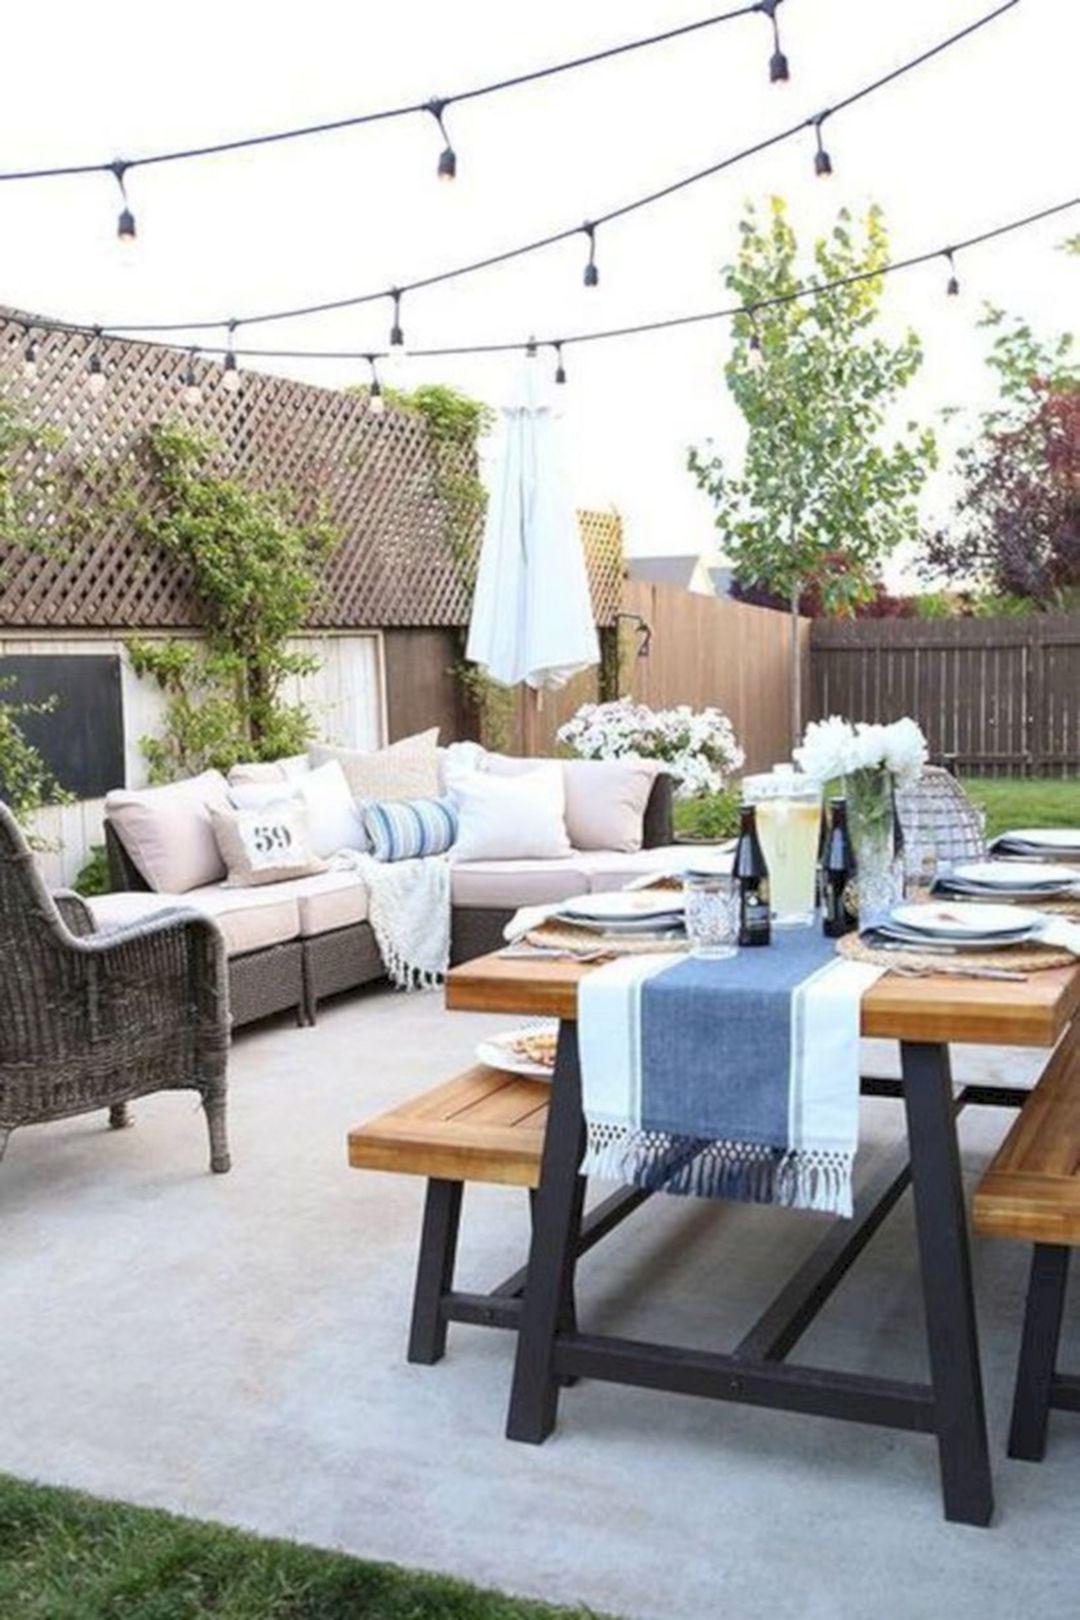 35 incredible summer backyard decorating ideas for enjoy holiday season at home